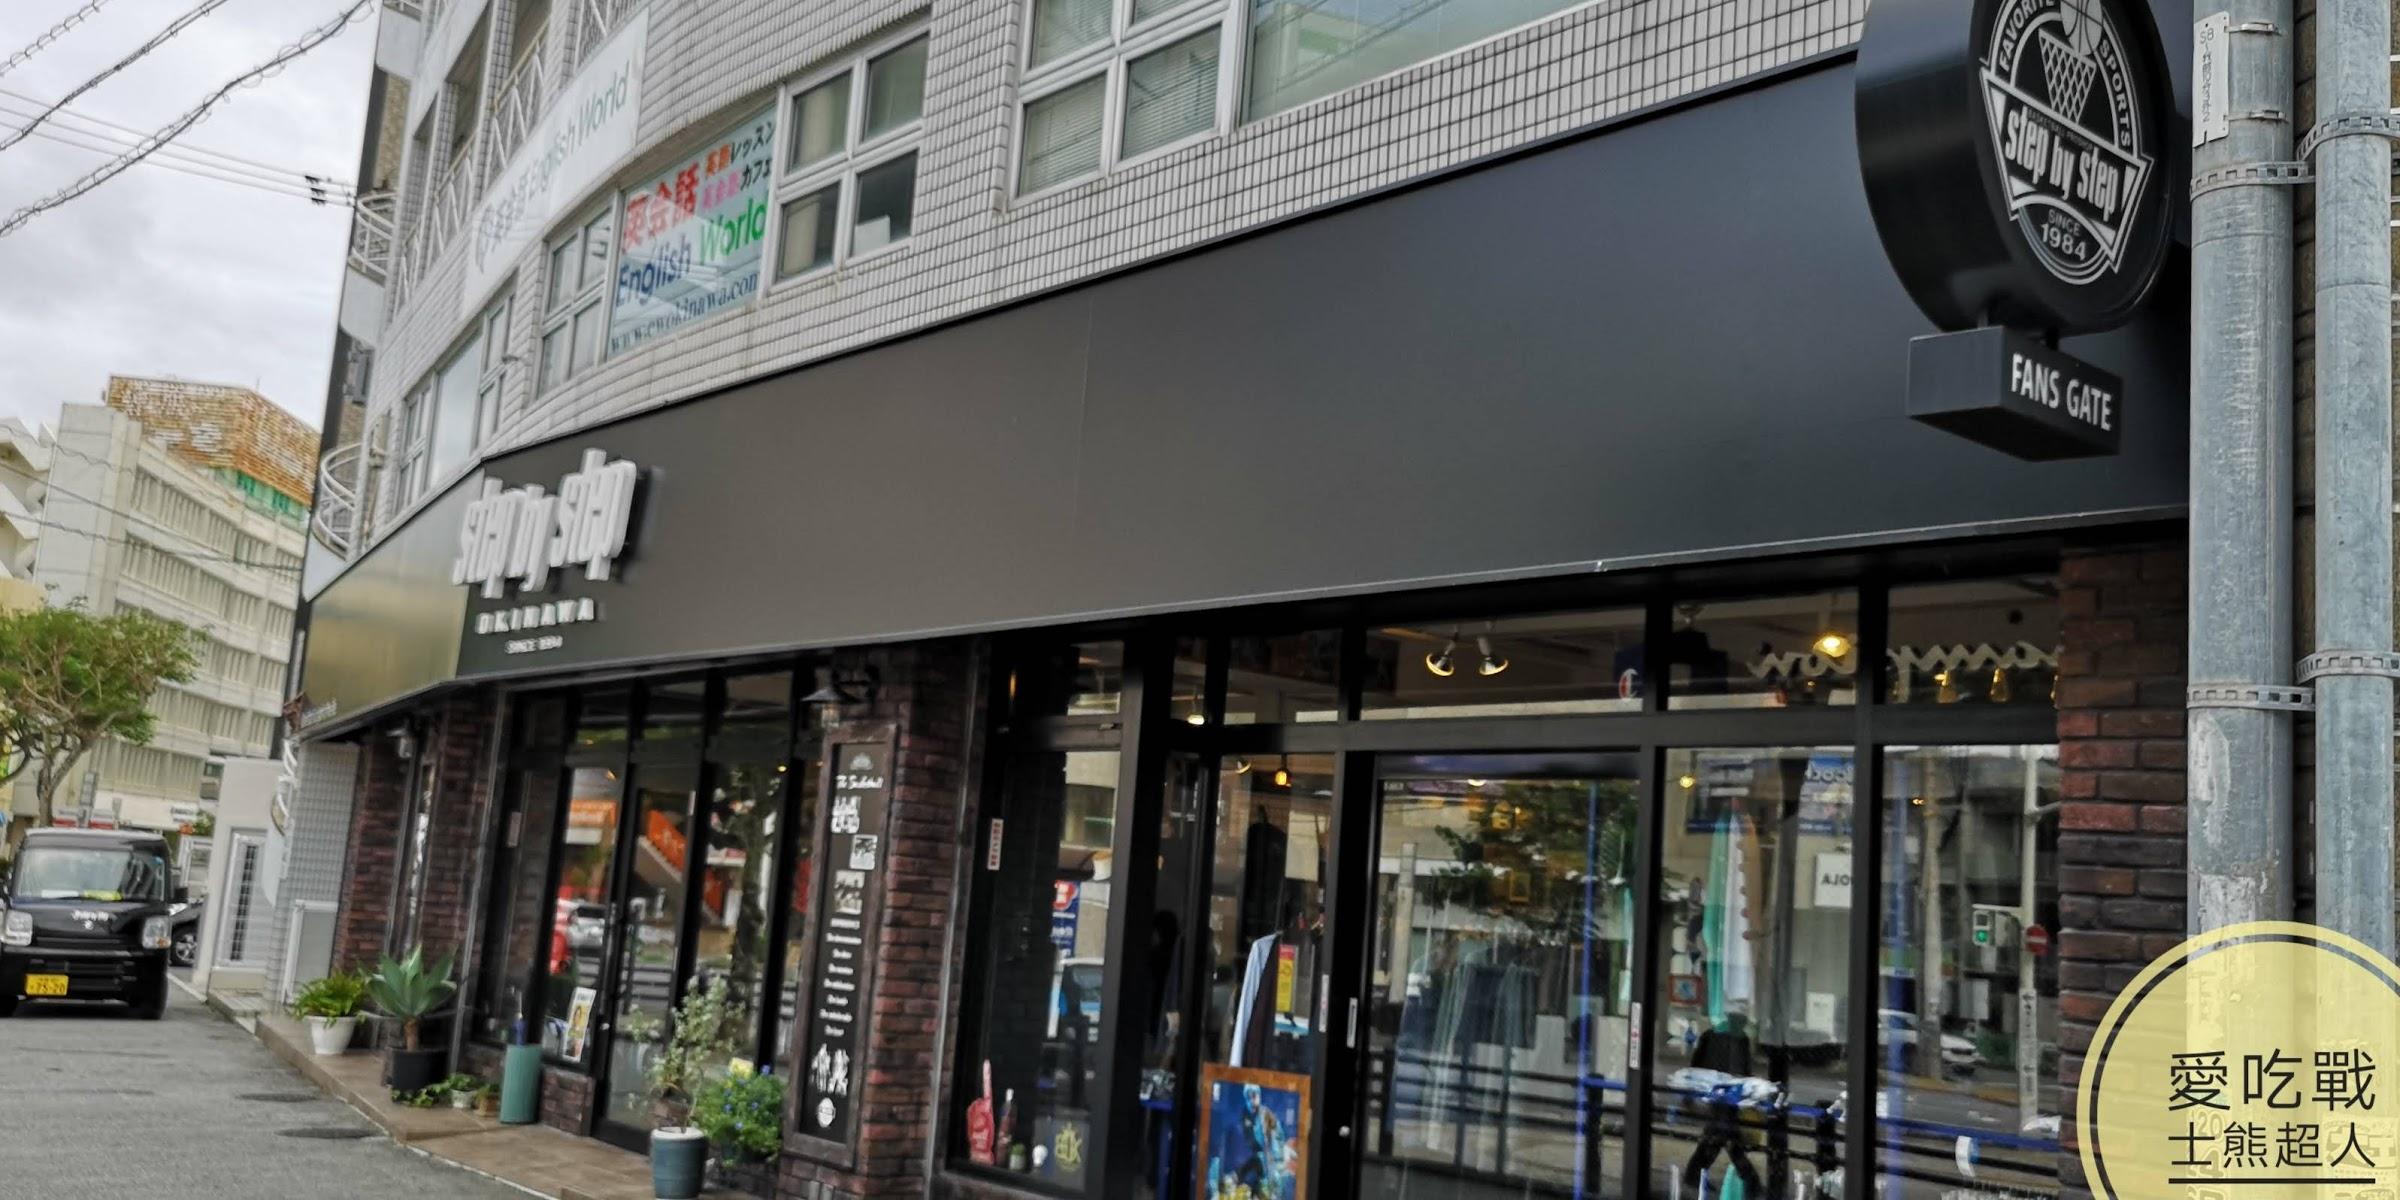 。沖繩 那霸。step by step:來到那霸最推薦的球鞋店之一,喜愛球鞋及籃球的朋友大推阿!